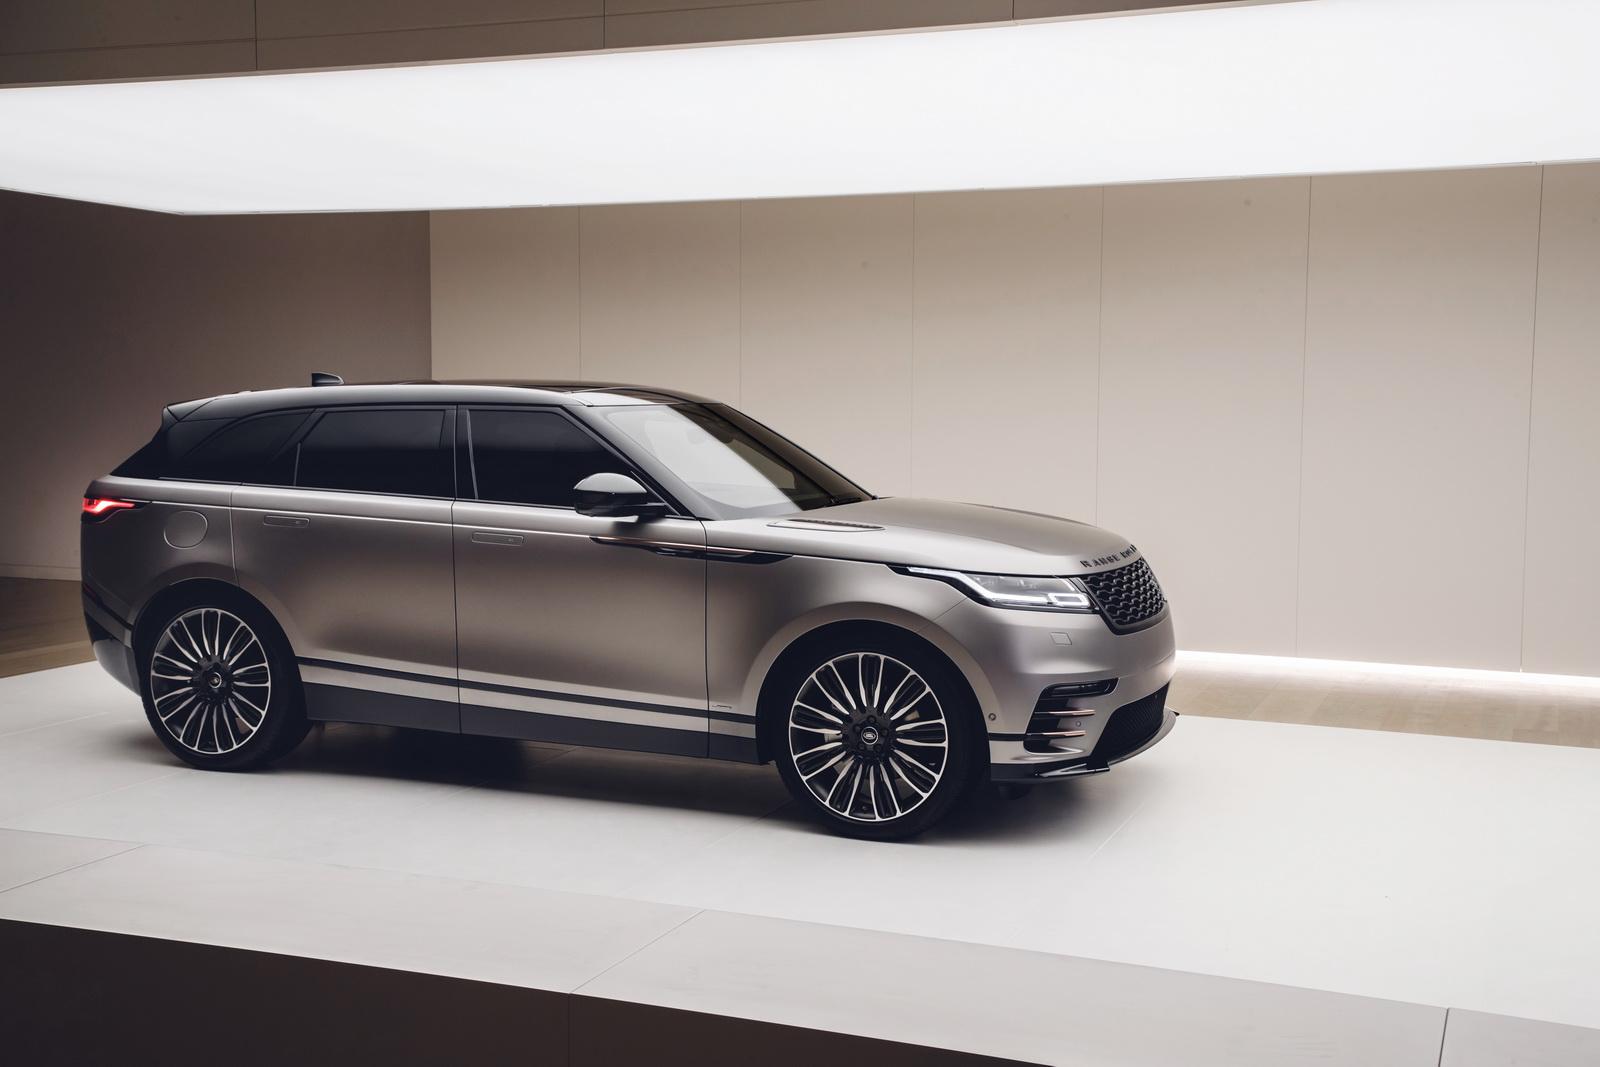 Range Rover Velar in Geneva 2017 (49)